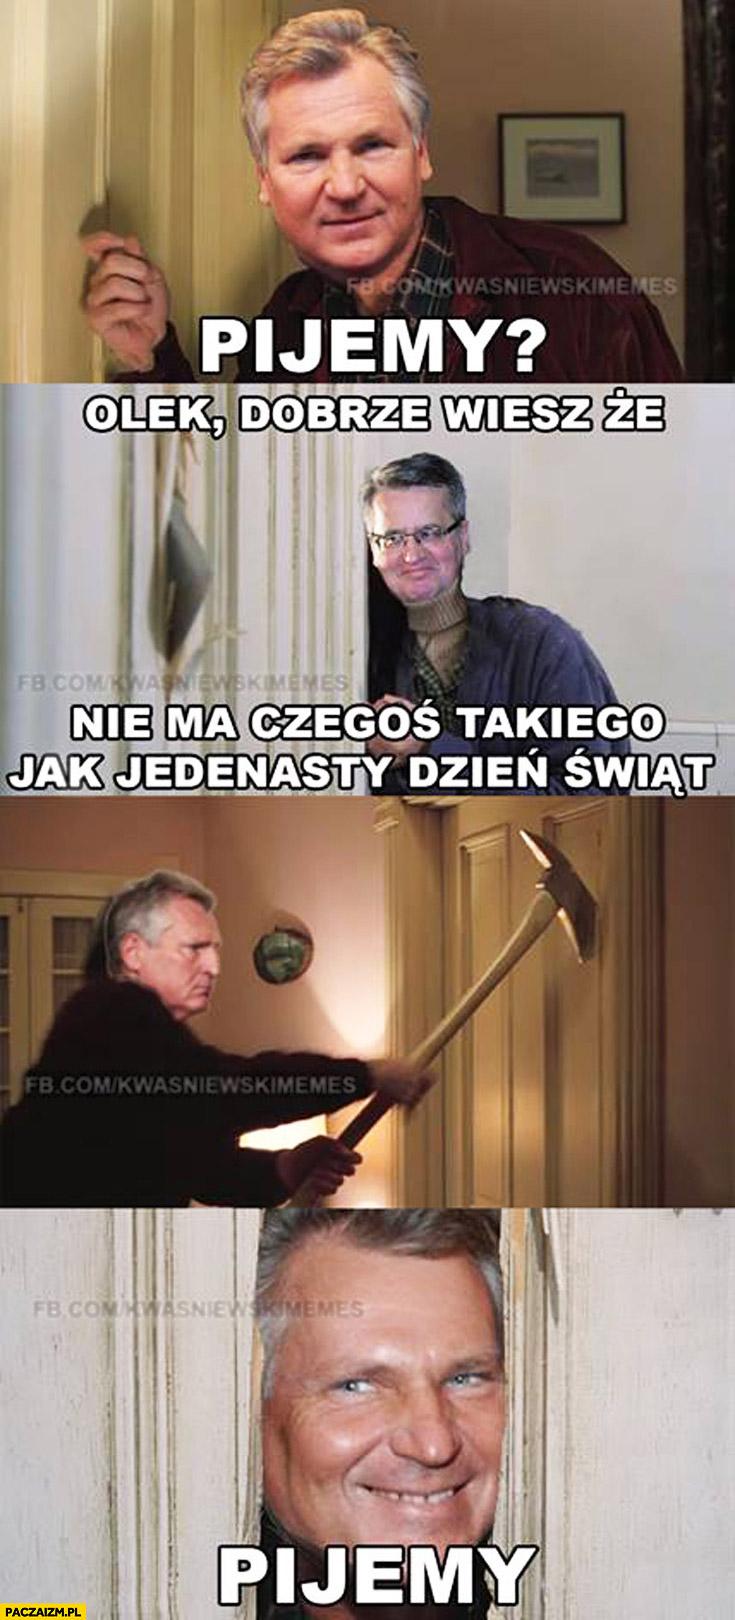 Pijemy Olek dobrze wiesz że nie ma czegoś takiego jak jedenasty dzień świąt Kwaśniewski Komorowski